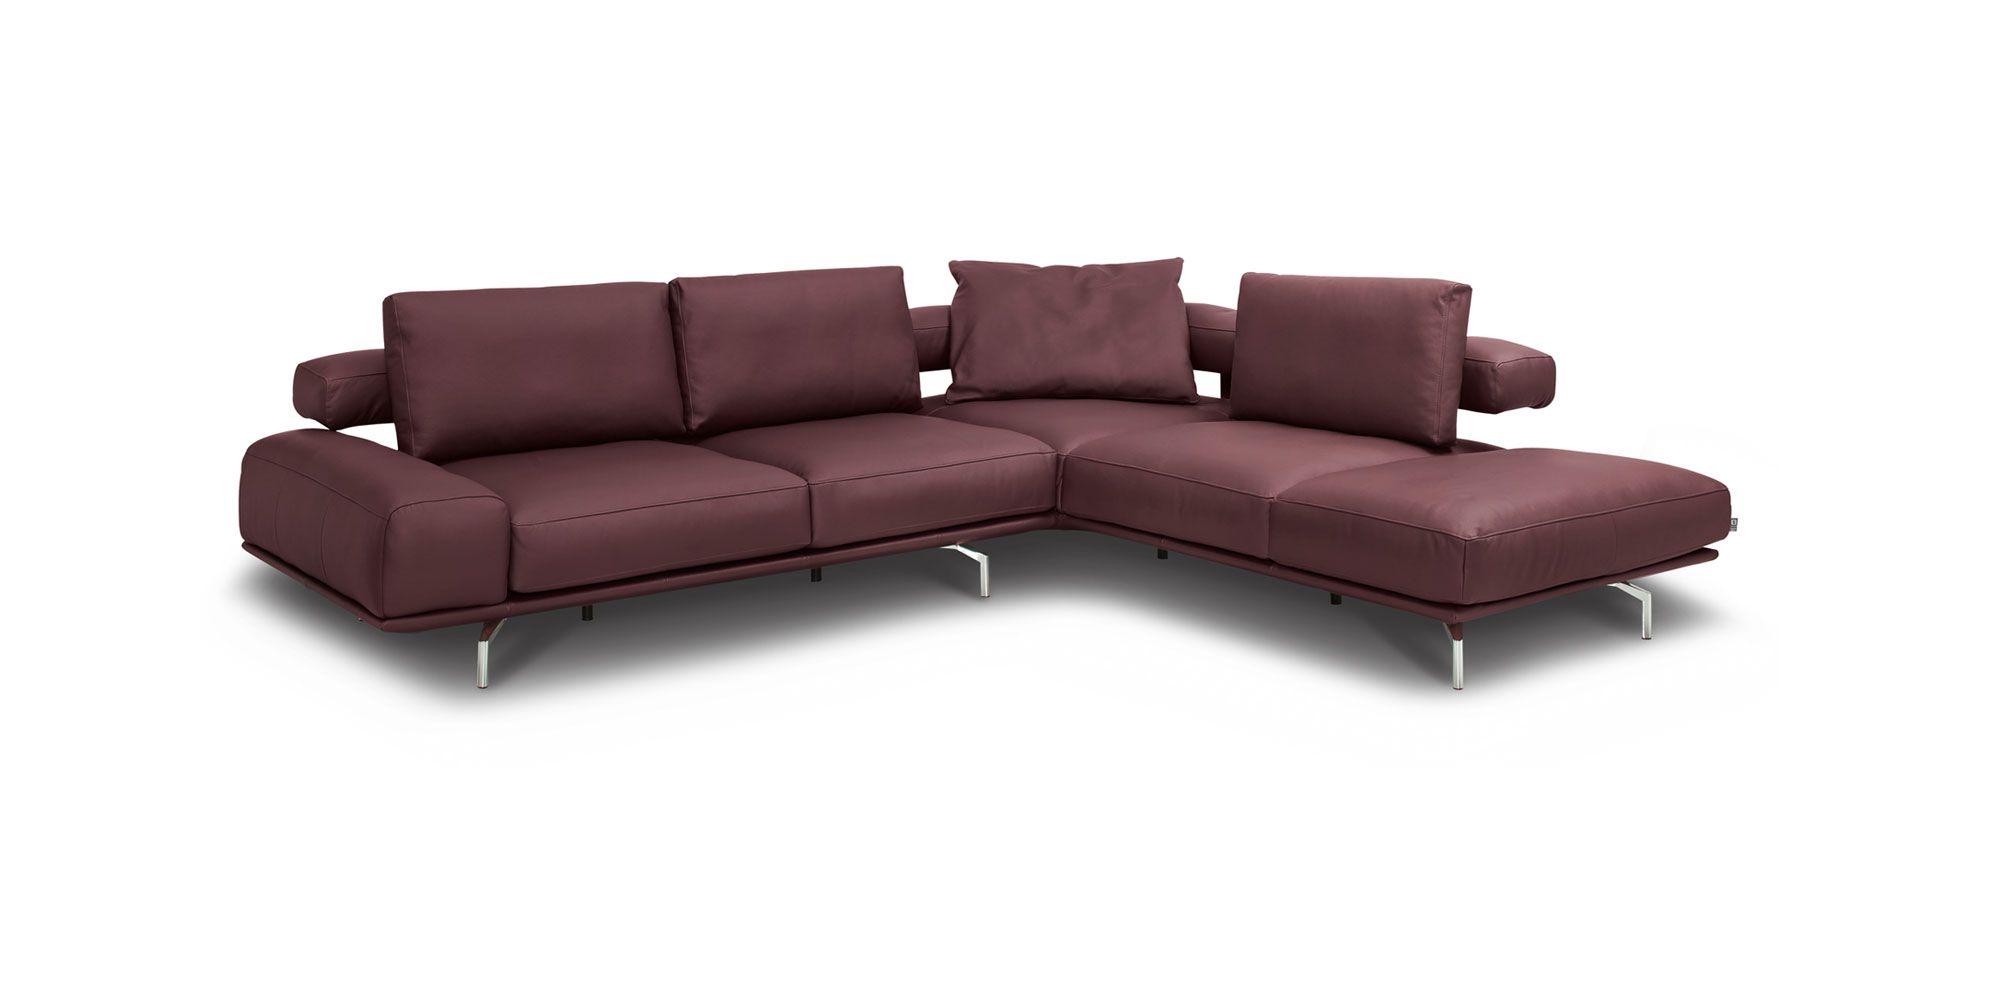 Hersteller Sofa shine ewald schillig brand hersteller polstermöbel sofas